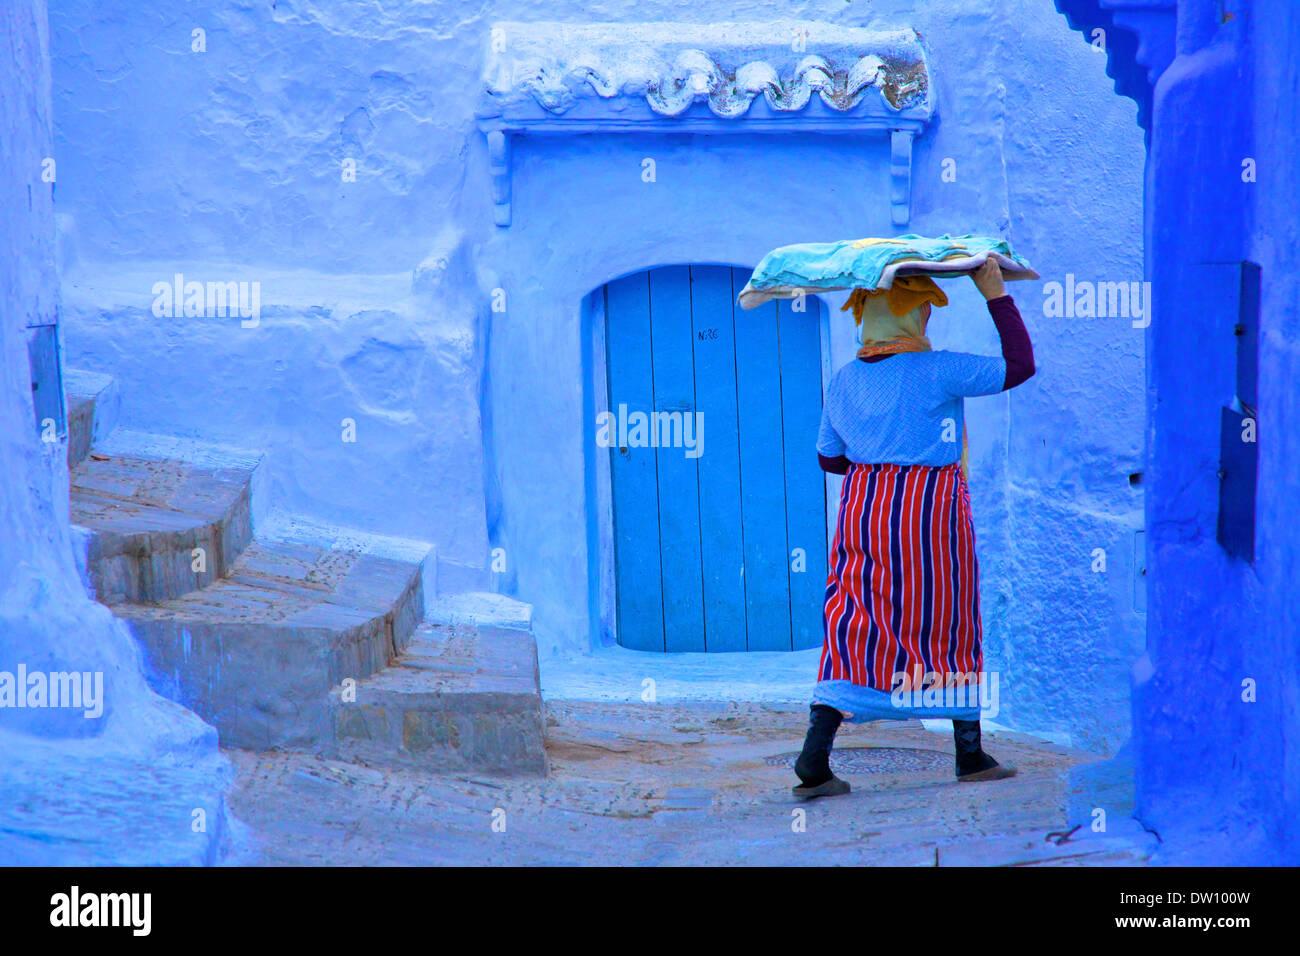 Frau In traditioneller Kleidung mit einem Tablett von Brot Teig, Chefchaouen, Marokko, Nordafrika Stockfoto